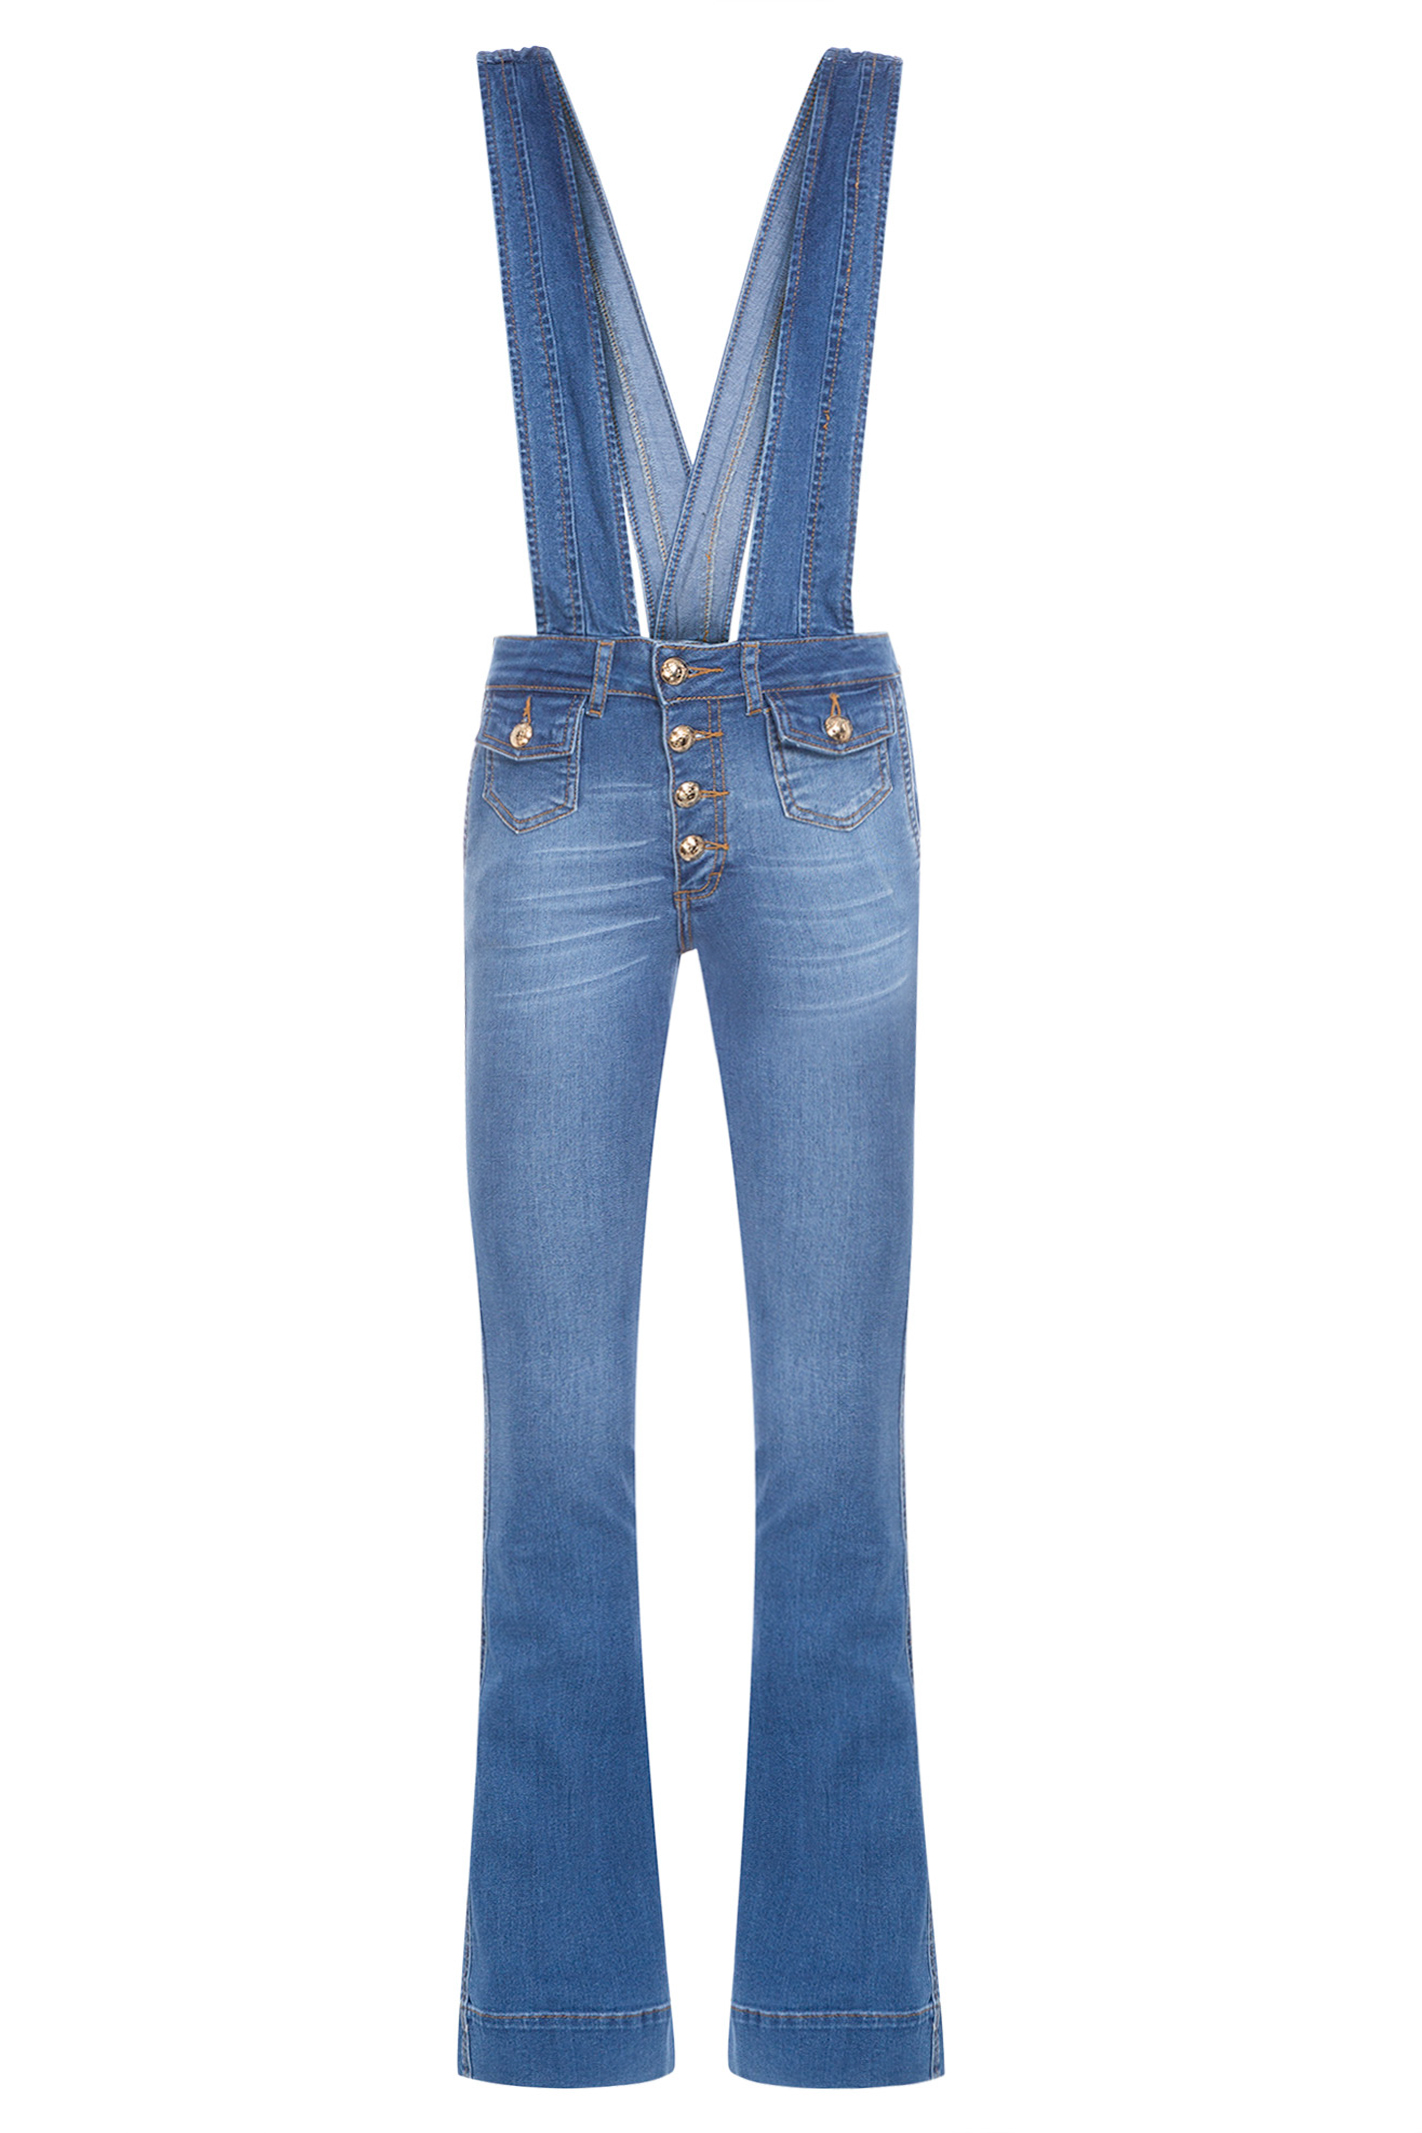 Macacão Jeans Detalhe